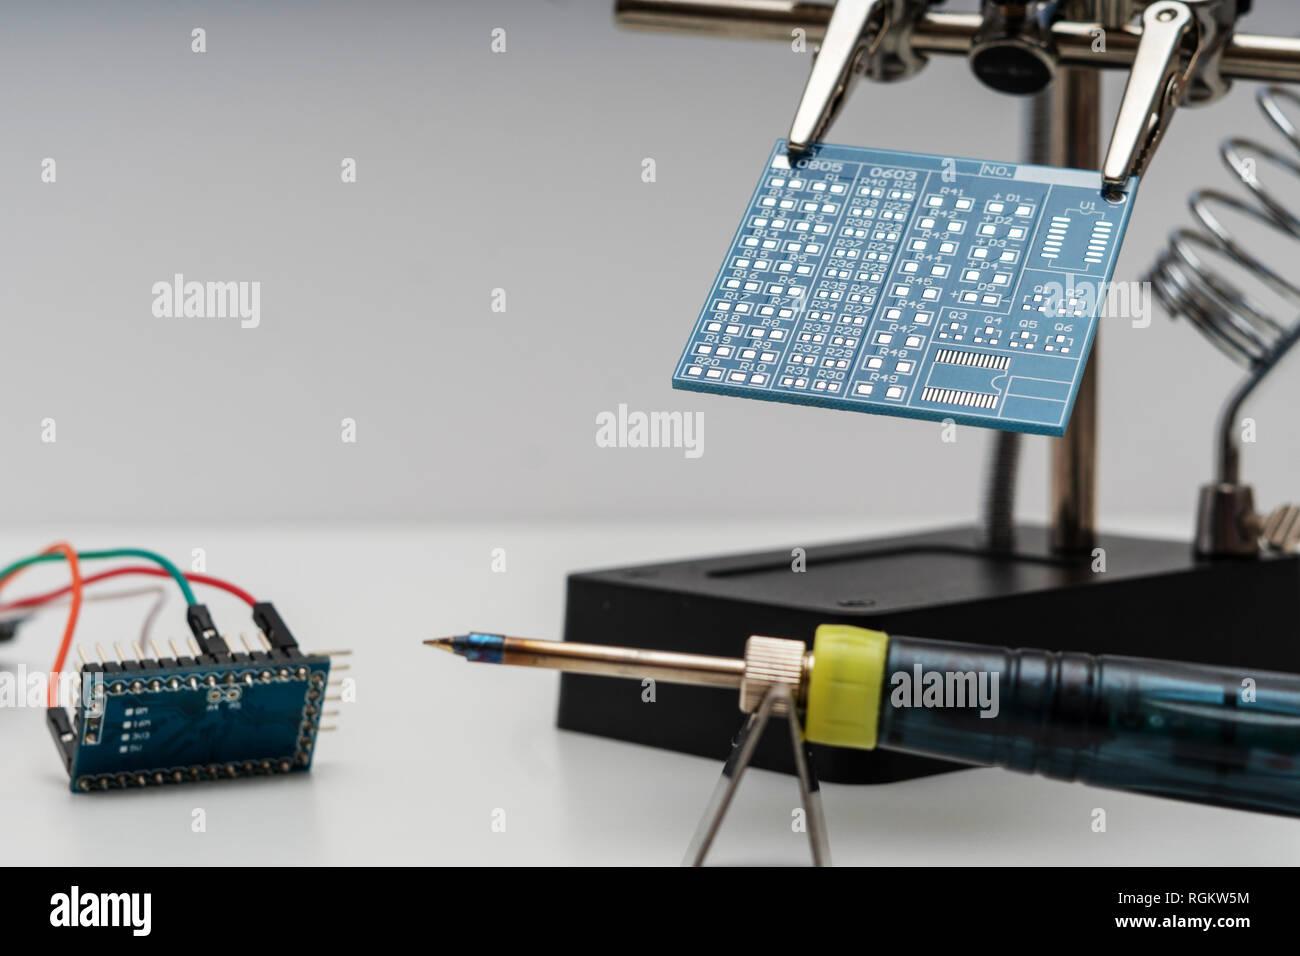 Placa de circuito azul en manos de ayuda tecnológica de soldadura antes de proceso de soldadura con soldador y otra placa de circuito con cables Imagen De Stock